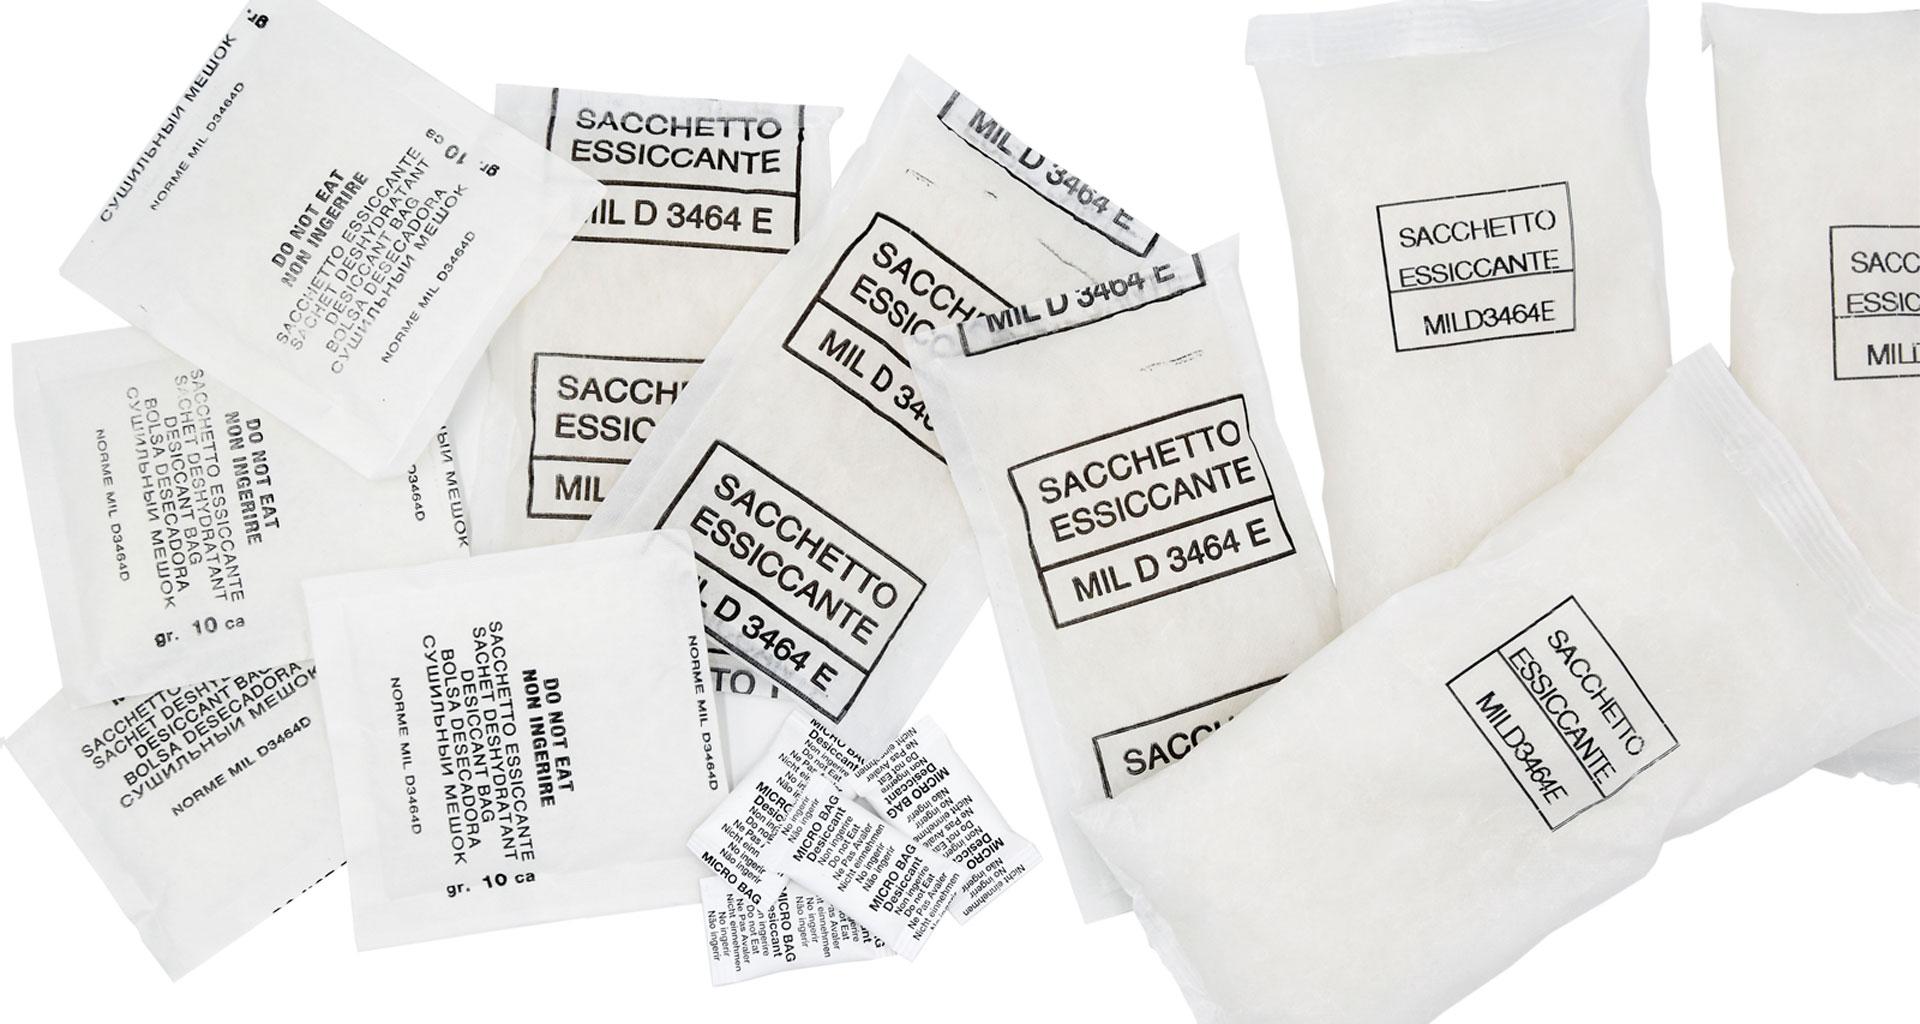 8457f849f Disidry Silicagel – Prodotti disidratanti e antiumidità